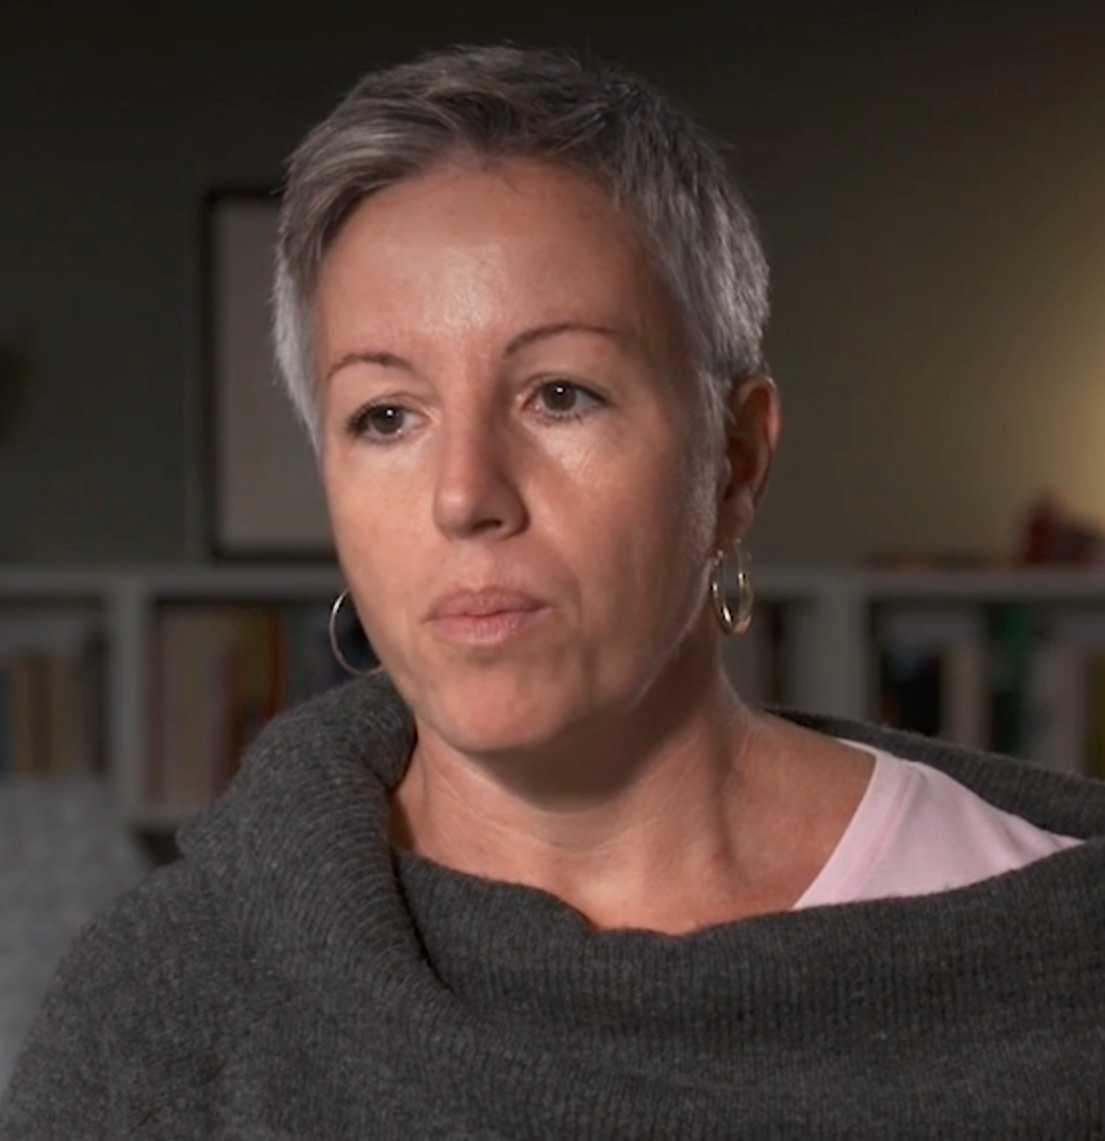 – Polisen som ringde sa att han hade fått en kniv i hjärtat, berättar Petters mamma Elena.